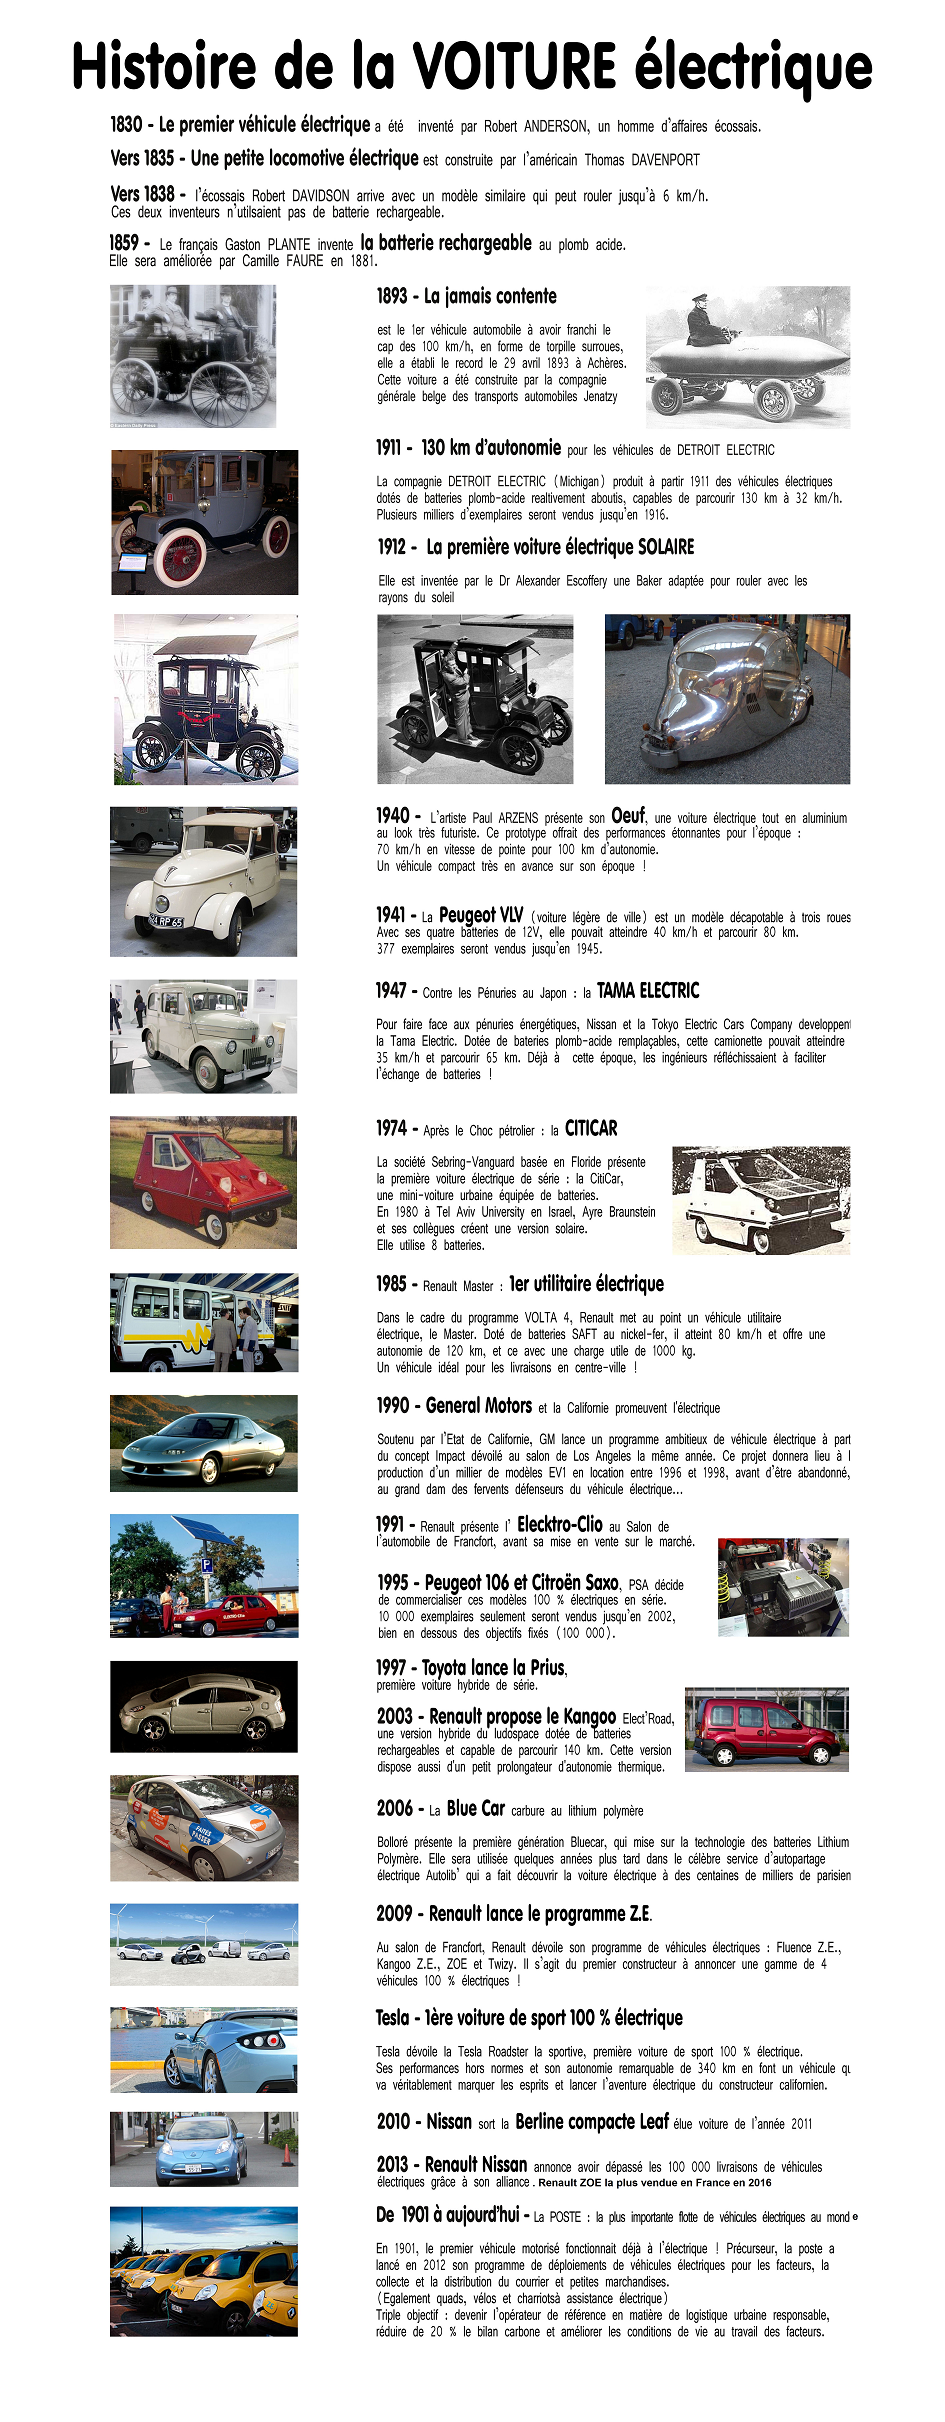 histoire voiture eletrique active